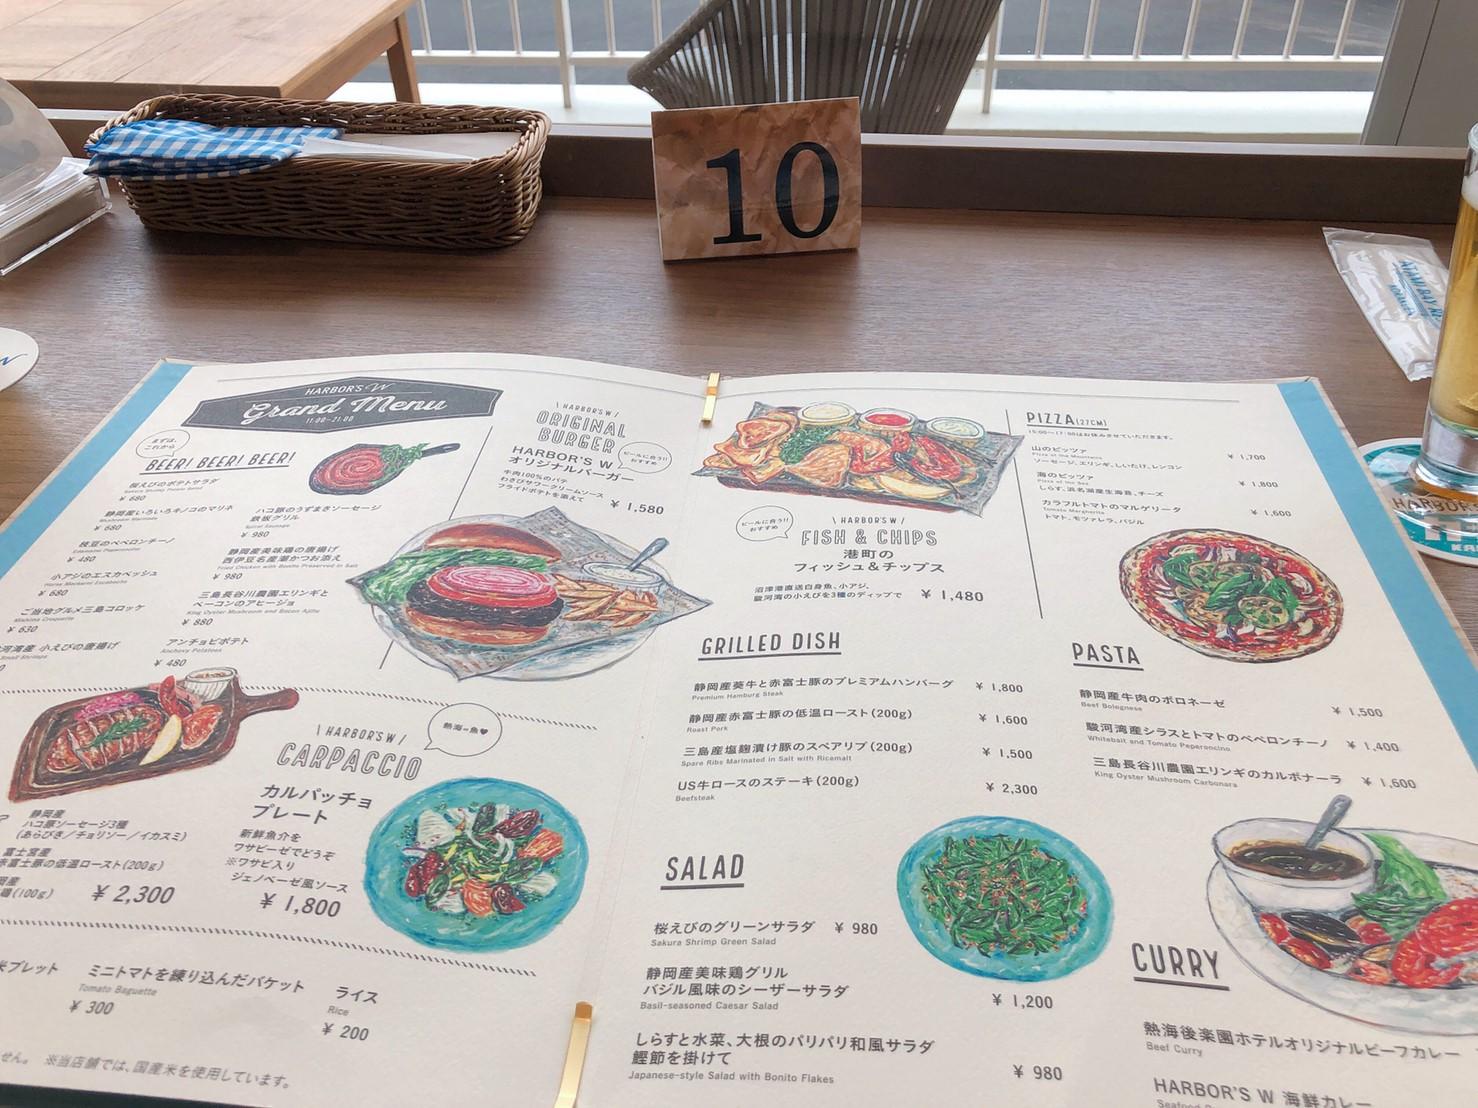 FURAのレストランメニュー